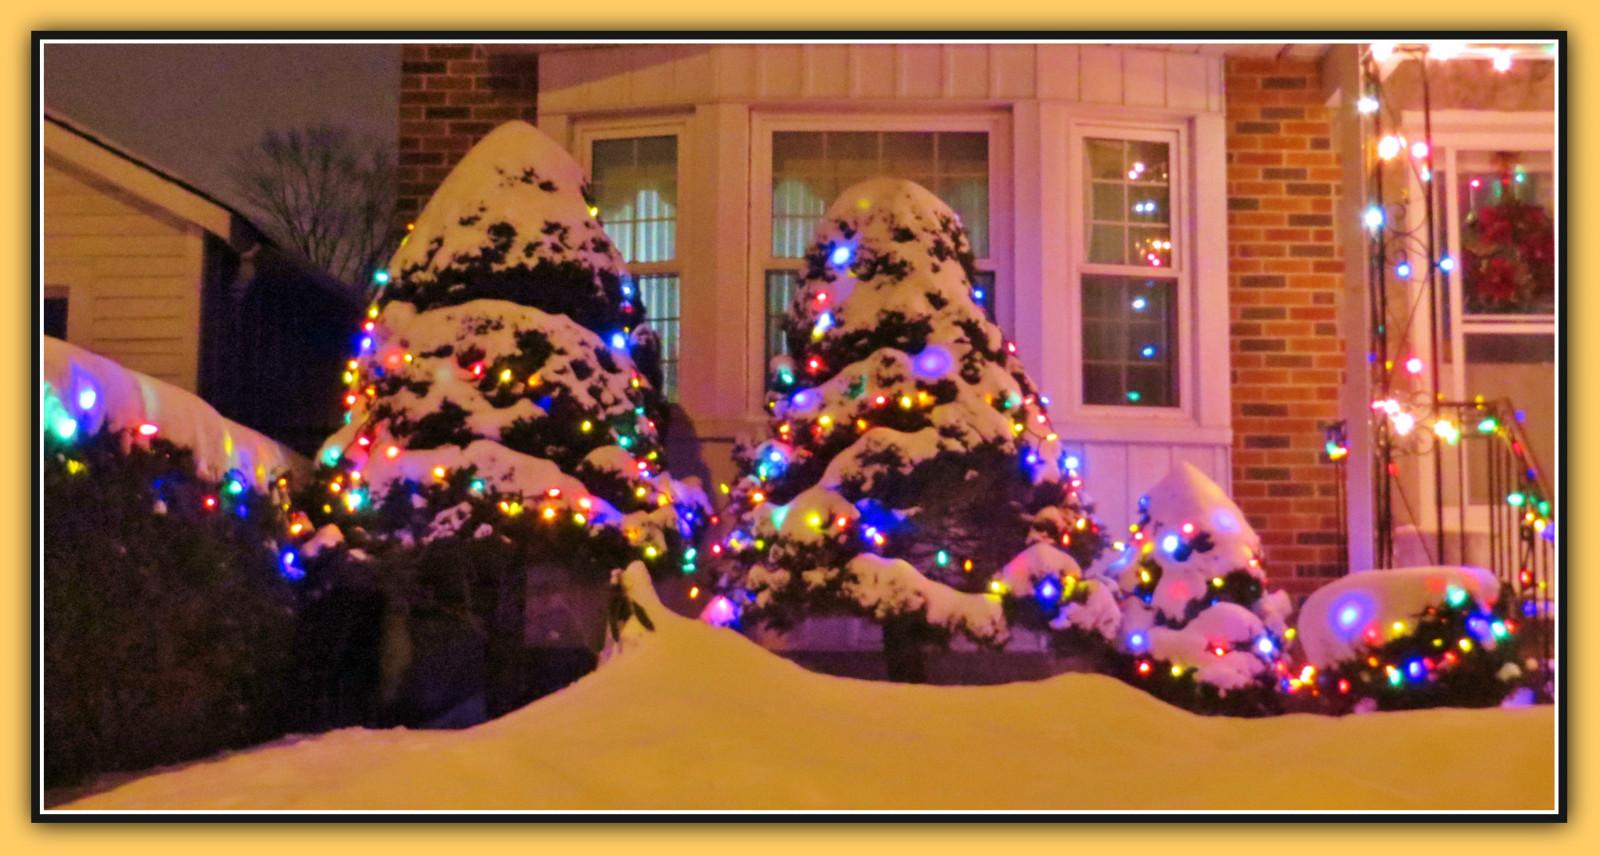 Weihnachtsbeleuchtung Kranz.Hintergrundbilder Bäume Beleuchtung Nacht Haus Weihnachtsbaum